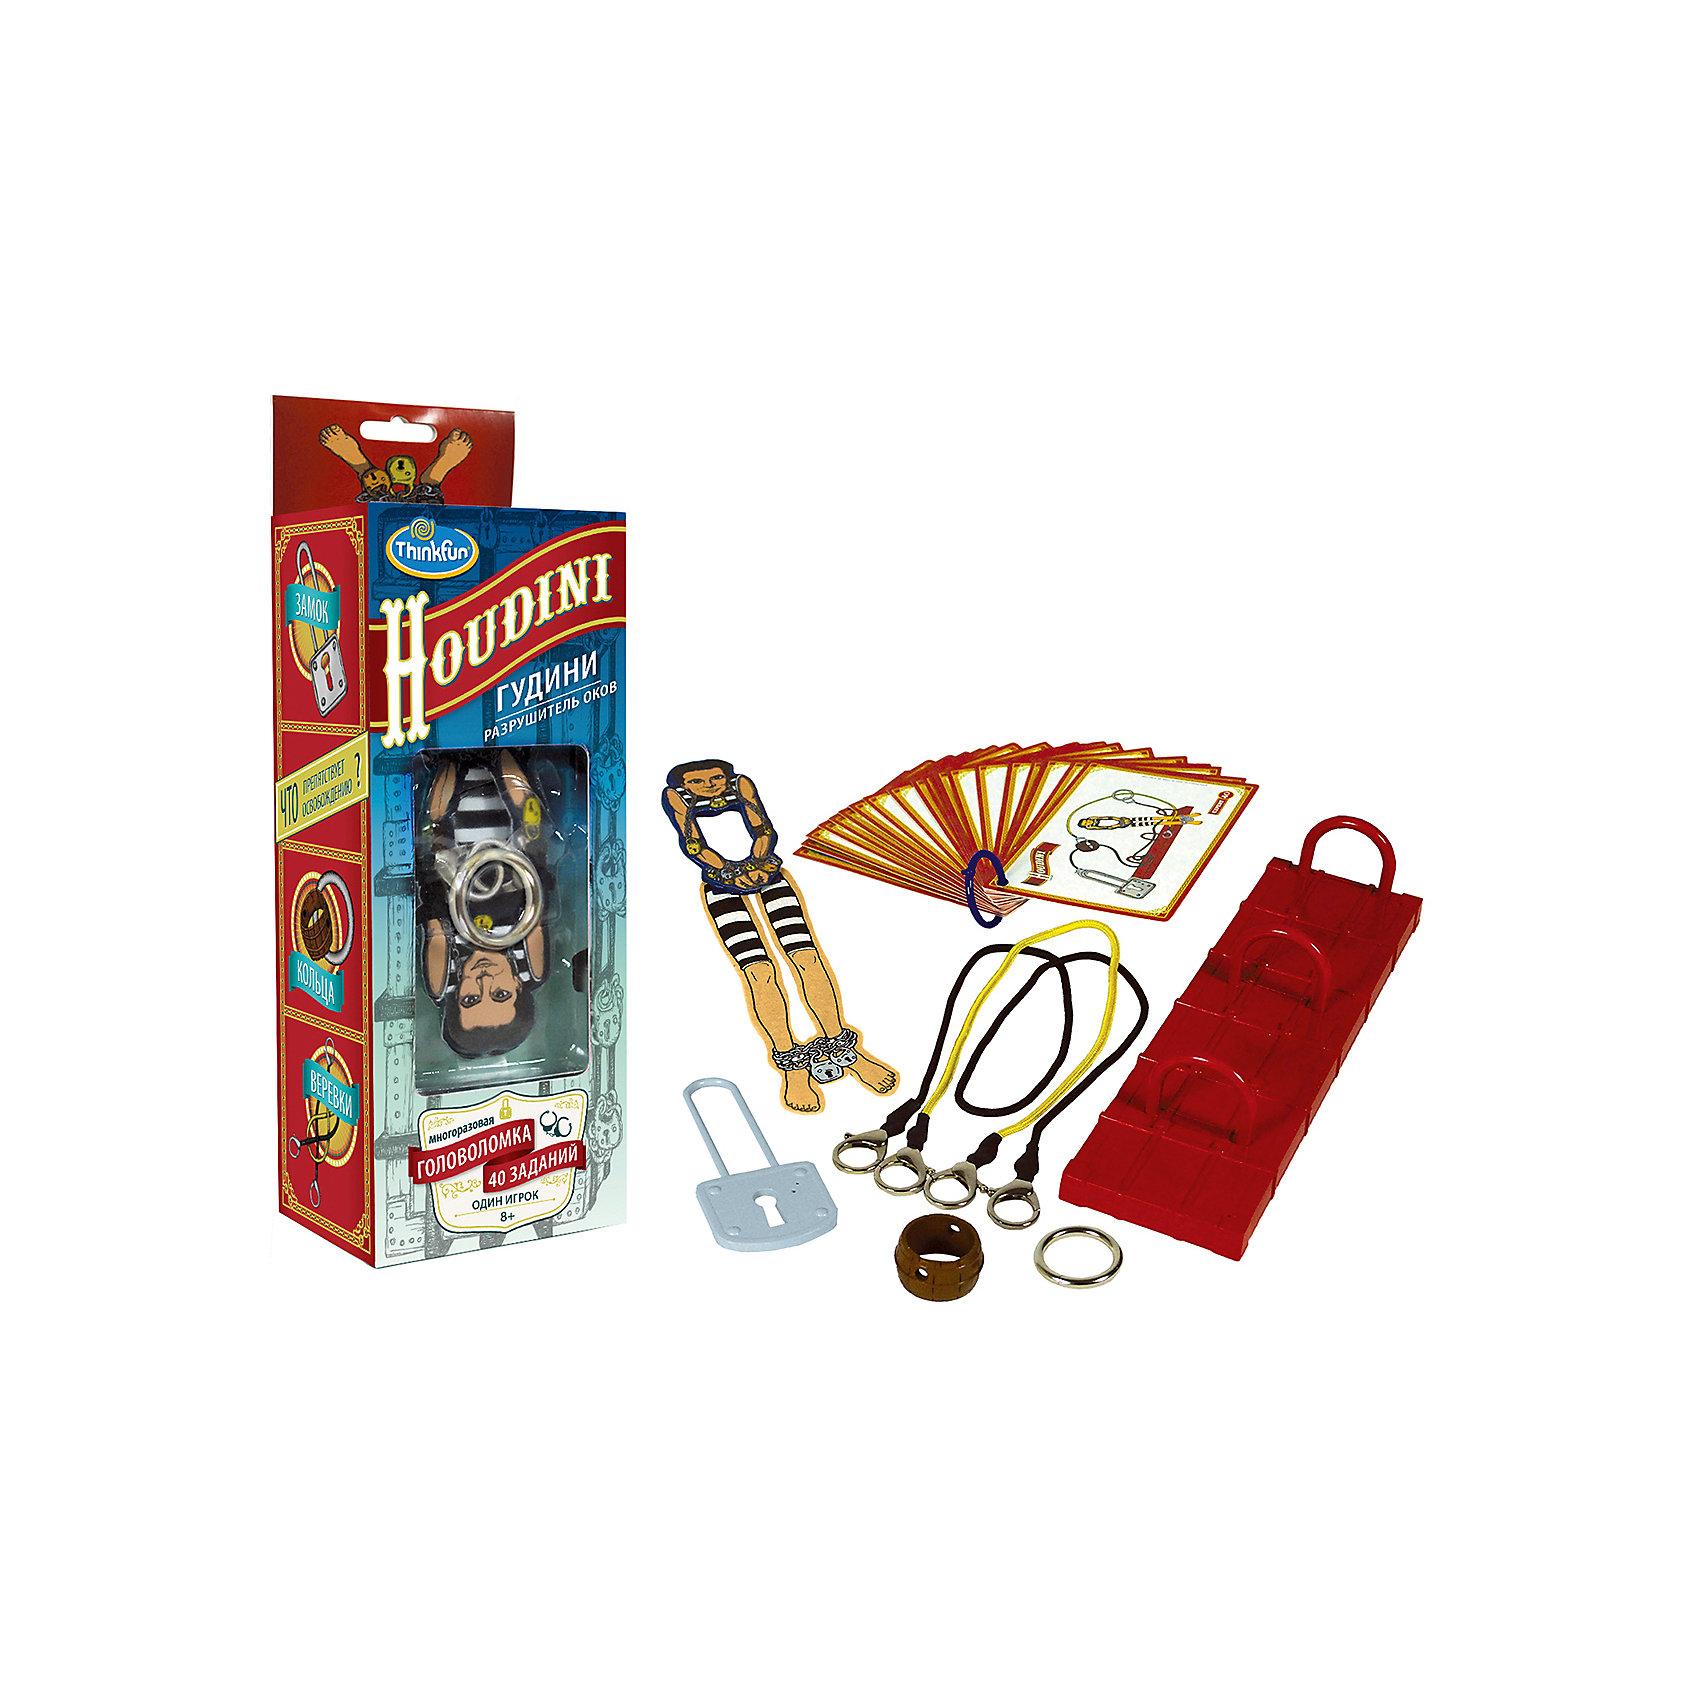 Игра Гудини. Разрушиель оков, ThinkfunИгра Гудини. Разрушиель оков, Thinkfun.<br><br>Характеристики:<br><br>- Комплектация: платформа с кольцами, разборная фигурка Гудини, металлическое кольцо, пластиковое кольцо, замок, веревки с карабинами на концах, 40 карточек с заданиями<br>- Количество игроков: 1<br>- Время игры: 10-20 мин.<br>- Материал: пластик, картон, металл<br>- Размер упаковки: 25 x 10 x 8 см.<br>- Упаковка: картонная коробка блистерного типа<br><br>При упоминании имени Гудини большинство людей вспоминают его незабываемые представления, в ходе которых он каким-то образом умудрялся выбраться из оков и множества веревок. Некоторые трюки так и остались неразгаданными, будоража фантазию фокусников. В настольной игре-головоломке Гудини Разрушитель оков Вам предстоит разгадать ряд секретов великого Мастера побегов. Выберите одно из заданий, предложенных на карточках, расположите героя на игровой платформе и соедините элементы карабинами. А затем, не расстегивая их, распутайте веревки и освободите фигурку. Вас ждет 40 заданий с разным уровнем сложности. Игра предназначена для развития логического мышления, внимательности и моторики у детей, она также будет интересна и взрослым. Изготовлено из сертифицированных материалов, окрашенных стойкими красителями, которые не истираются и сохраняют первоначальную яркость.<br><br>Игру Гудини. Разрушиель оков, Thinkfun можно купить в нашем интернет-магазине.<br><br>Ширина мм: 100<br>Глубина мм: 250<br>Высота мм: 80<br>Вес г: 350<br>Возраст от месяцев: 36<br>Возраст до месяцев: 2147483647<br>Пол: Унисекс<br>Возраст: Детский<br>SKU: 5055427